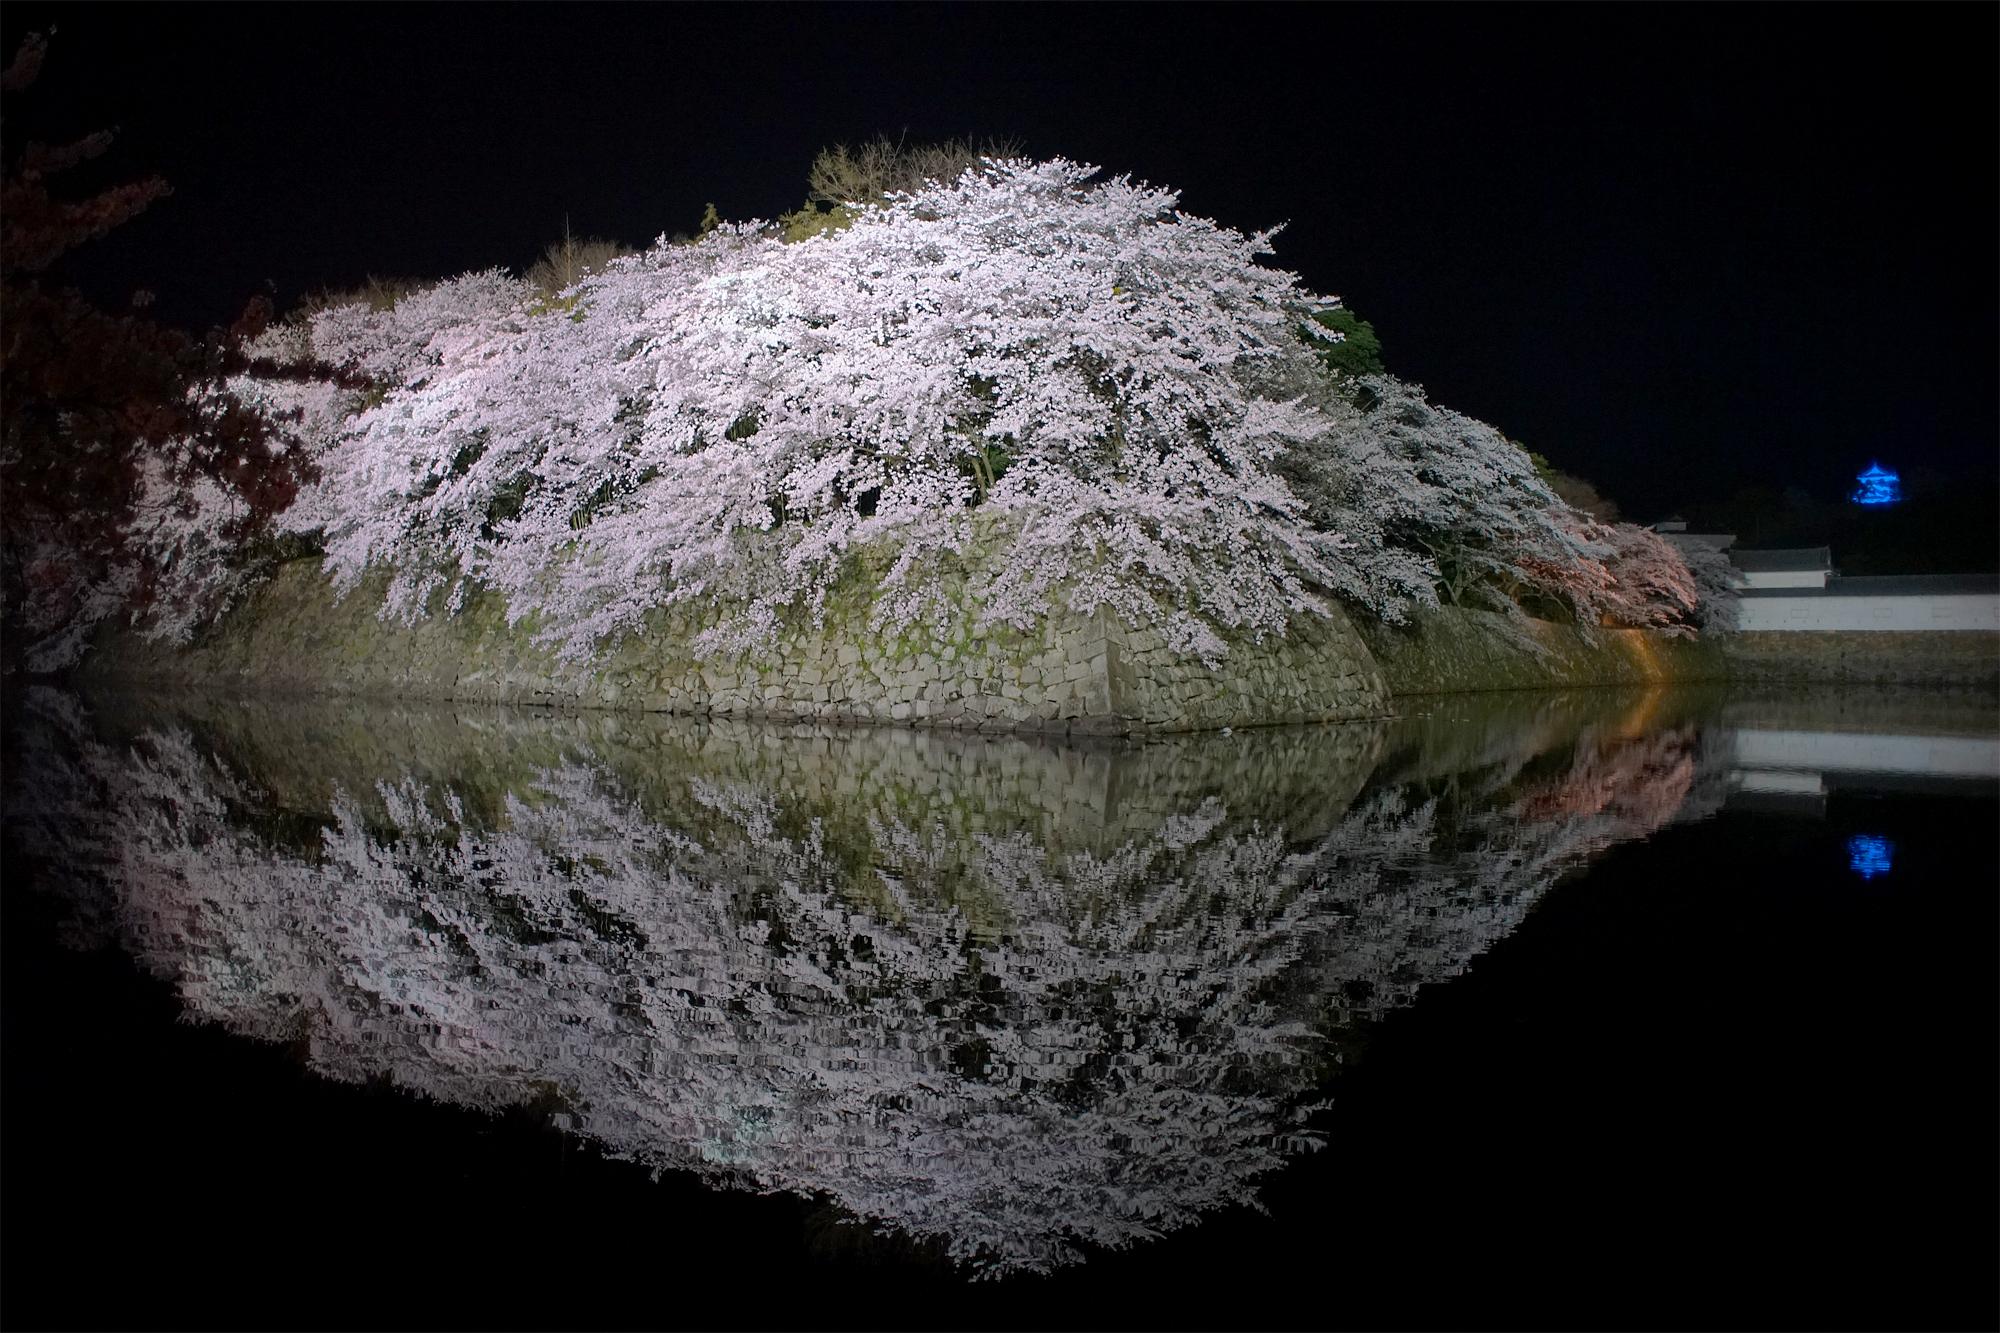 彦根城の桜の撮影おすすめスポット!日本の絶景にも選ばれる桜風景を2018年の開花状況と共に撮影した写真も公開!